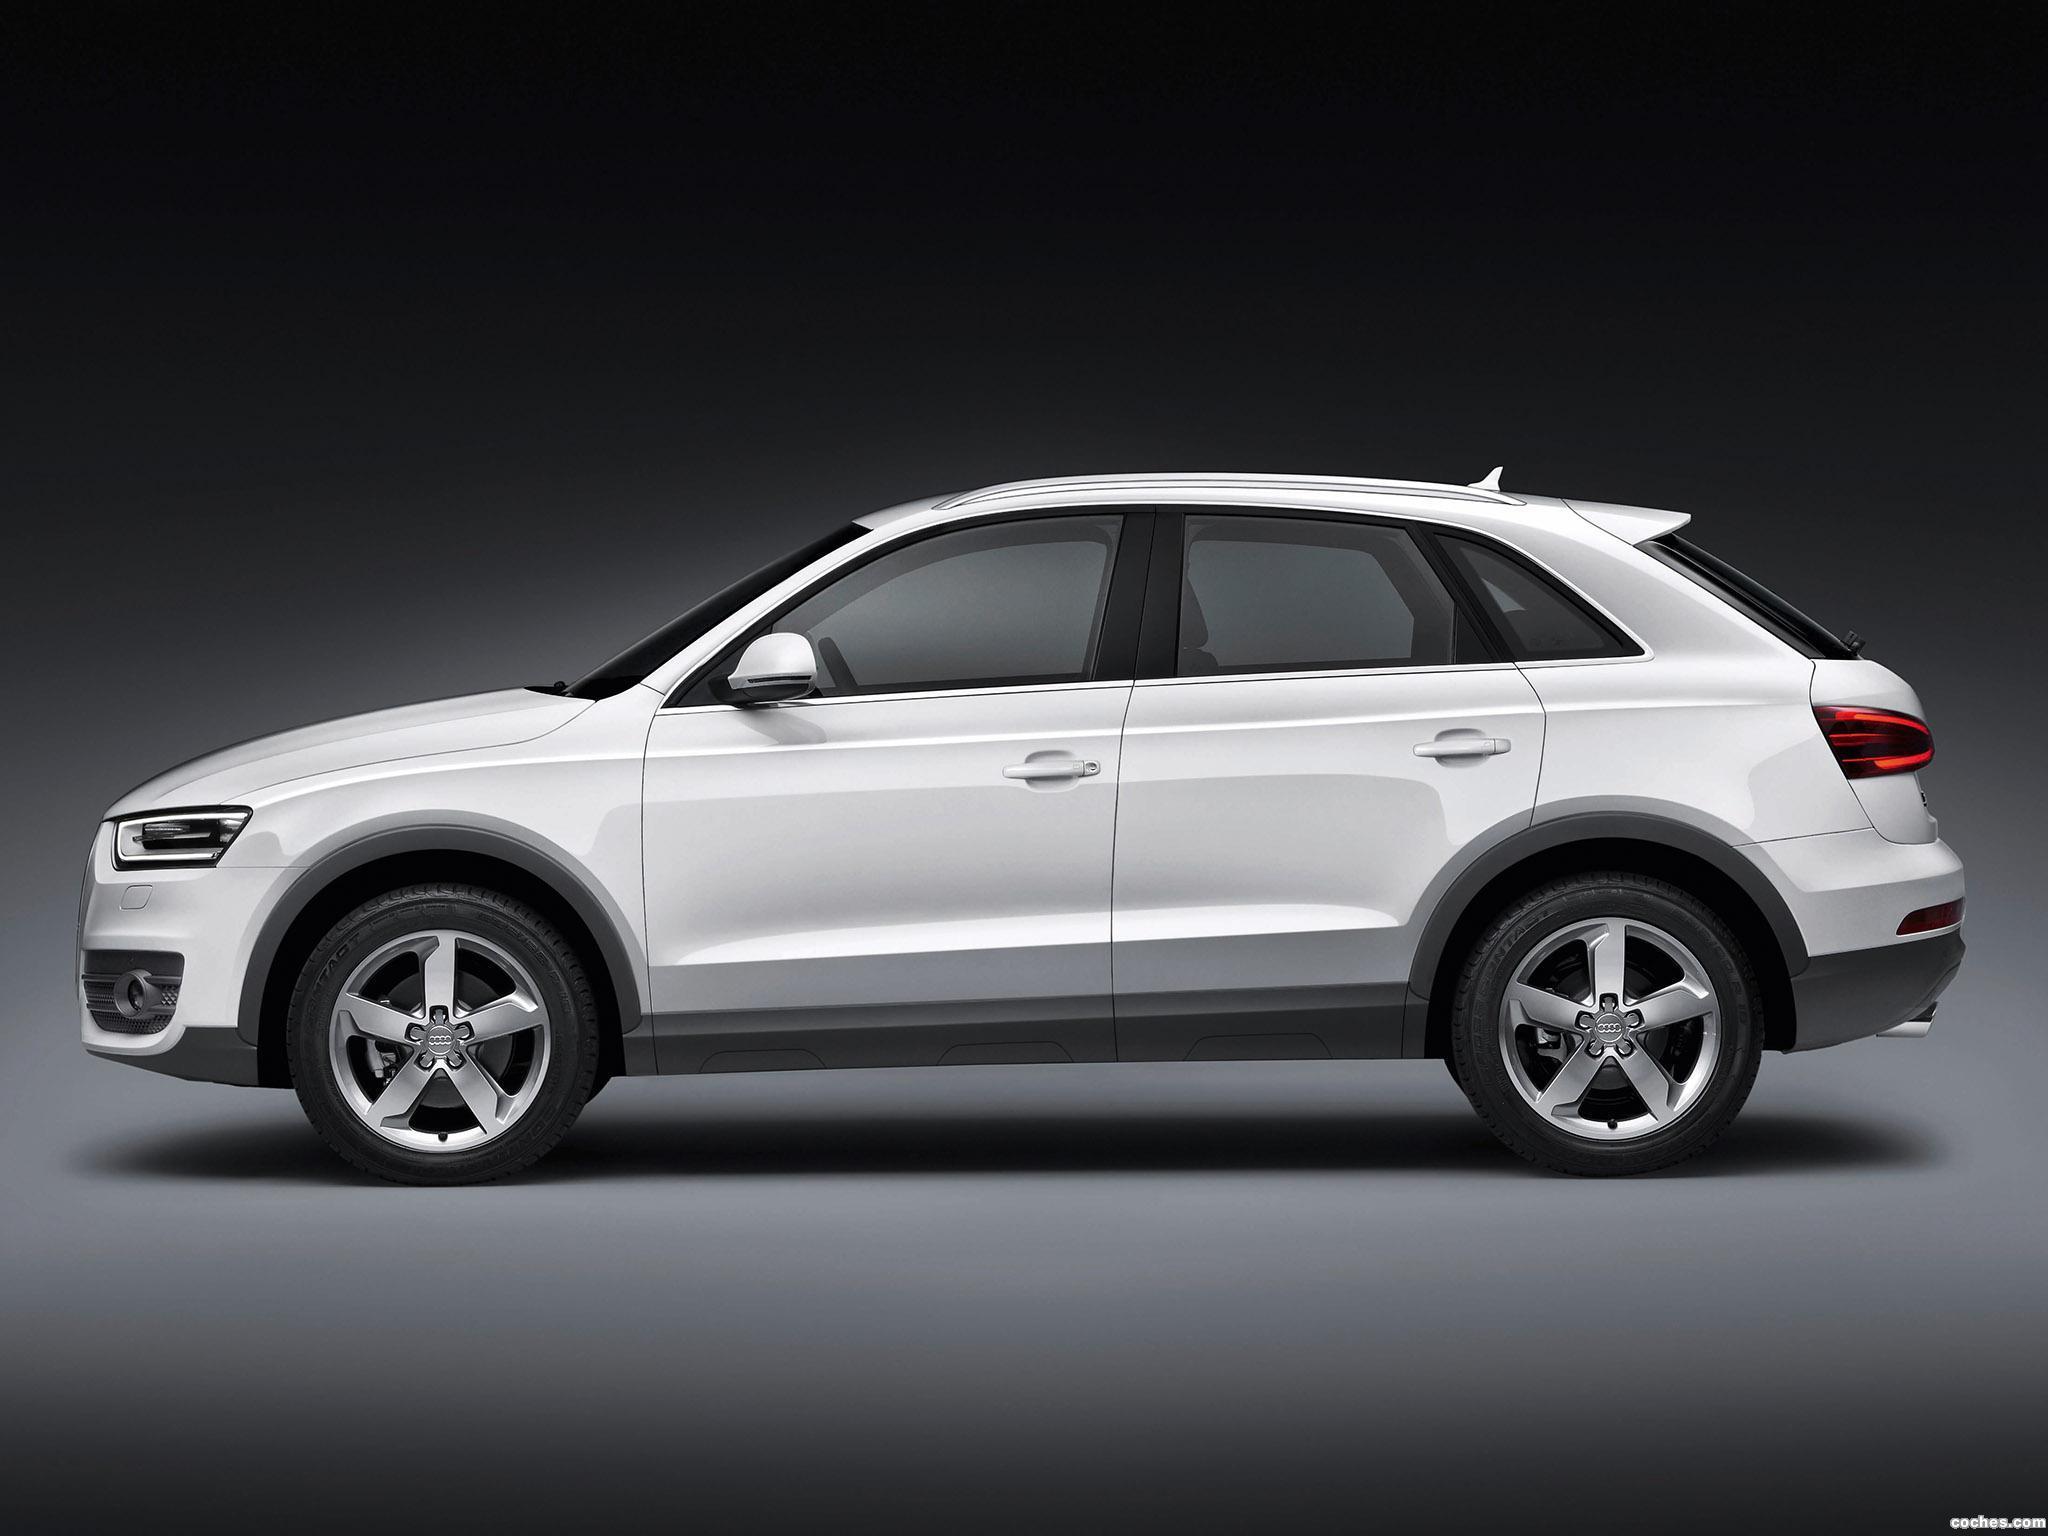 Foto 1 de Audi Q3 2011